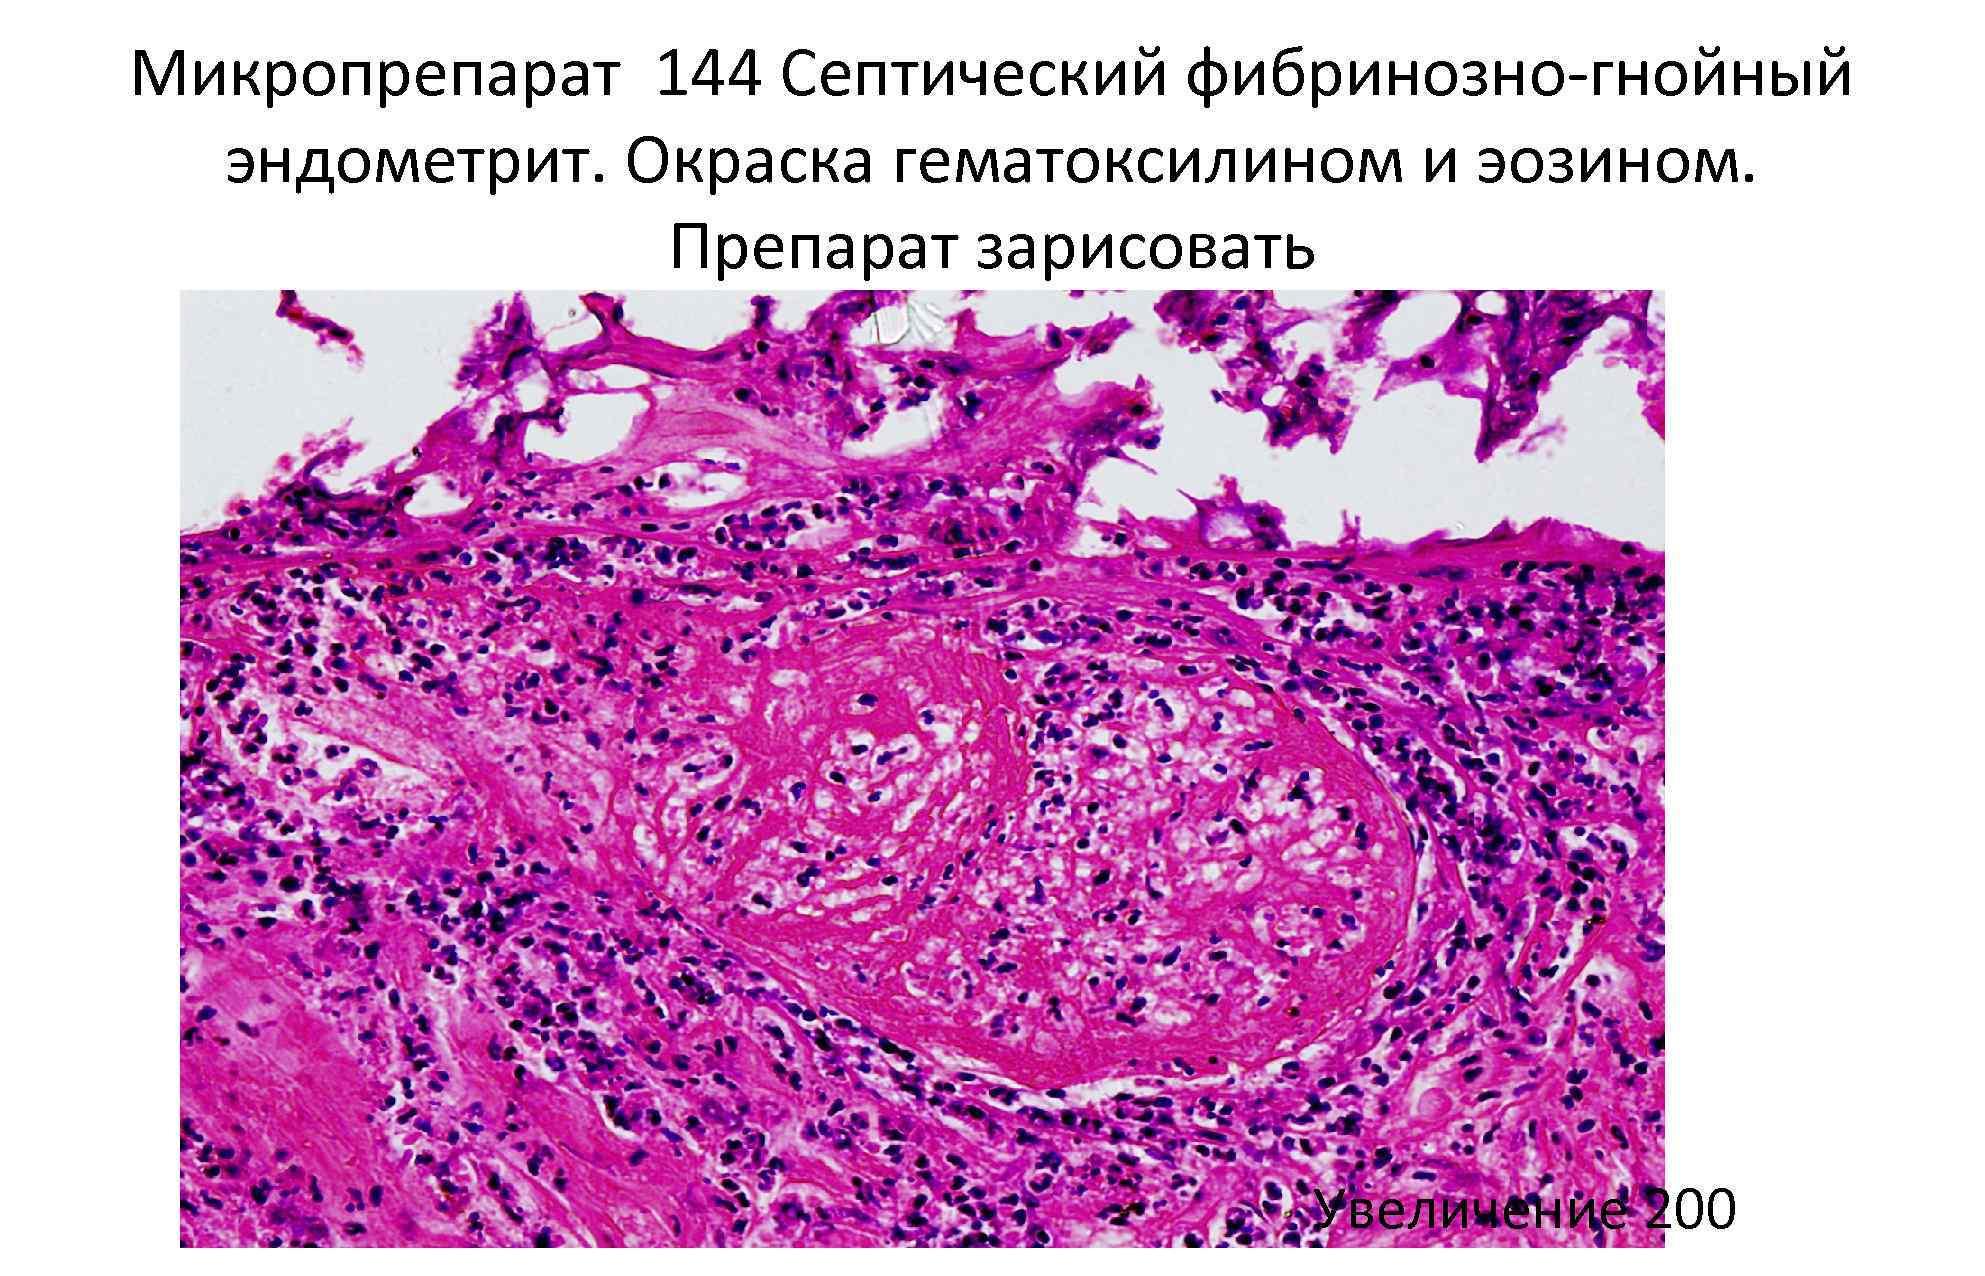 Микропрепарат 144 Септический фибринозно-гнойный эндометрит. Окраска гематоксилином и эозином. Препарат зарисовать Увеличение 200